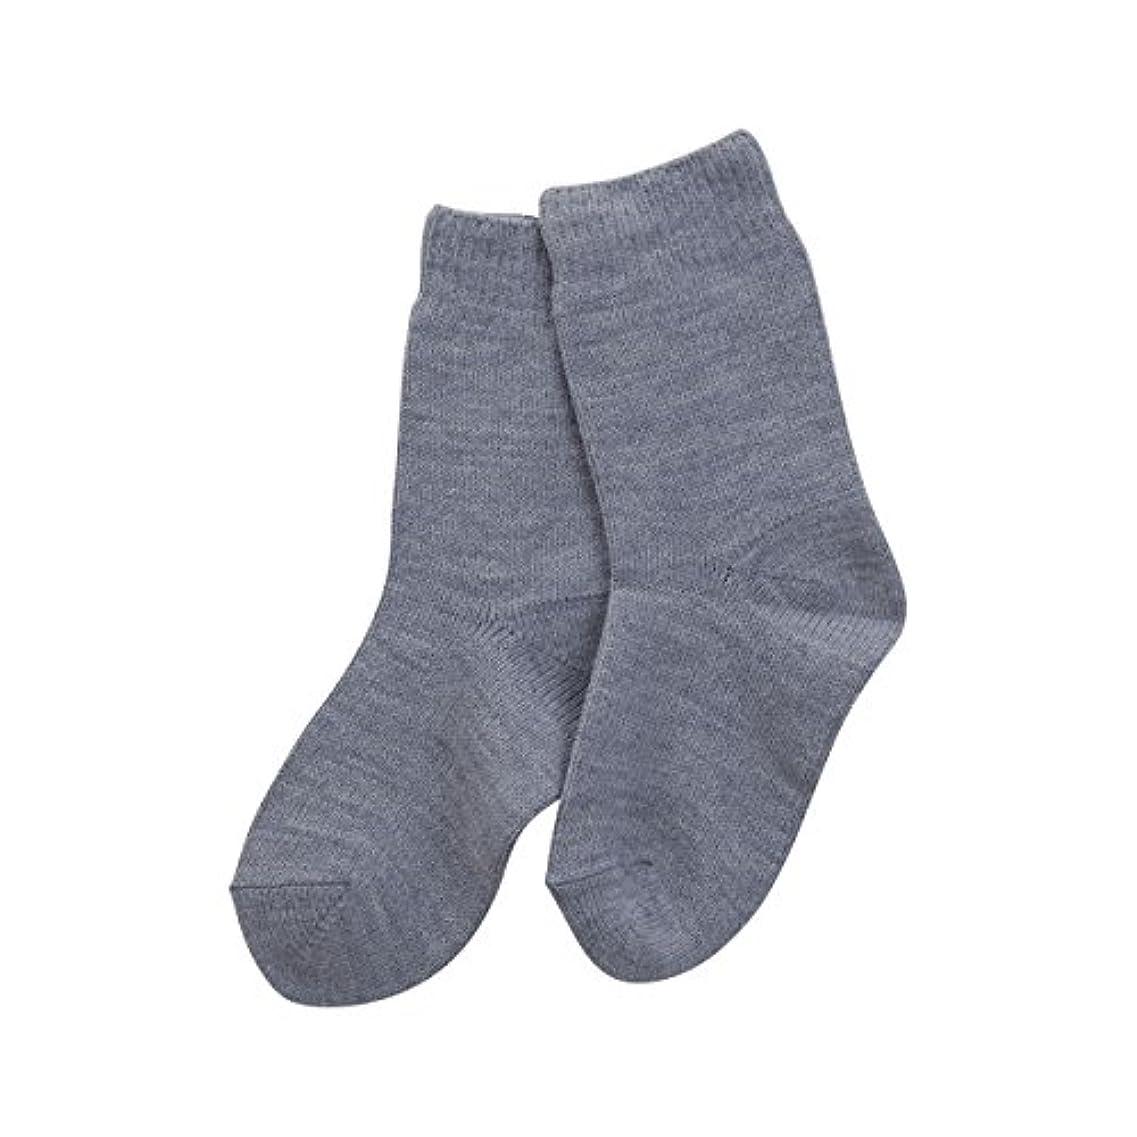 人差し指バナナ投資する(コベス) KOBES ゴムなし 毛混 超ゆったり特大サイズ 大きいサイズ 靴下 日本製 婦人靴下